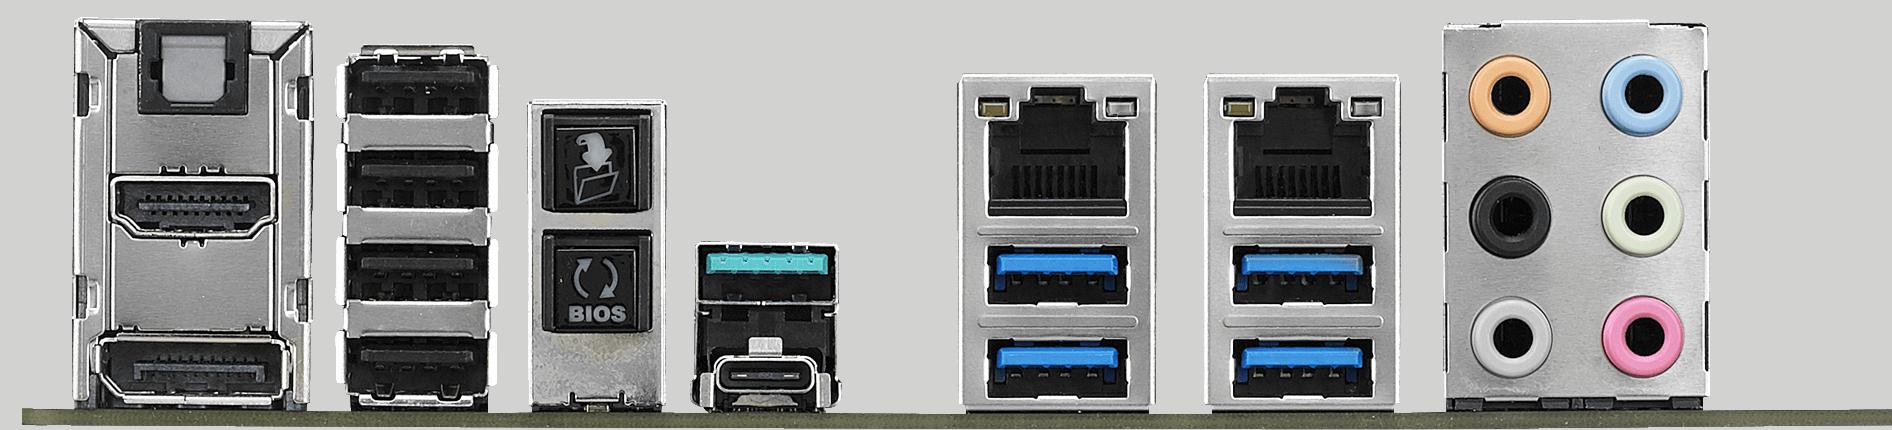 Conectores de una paca base